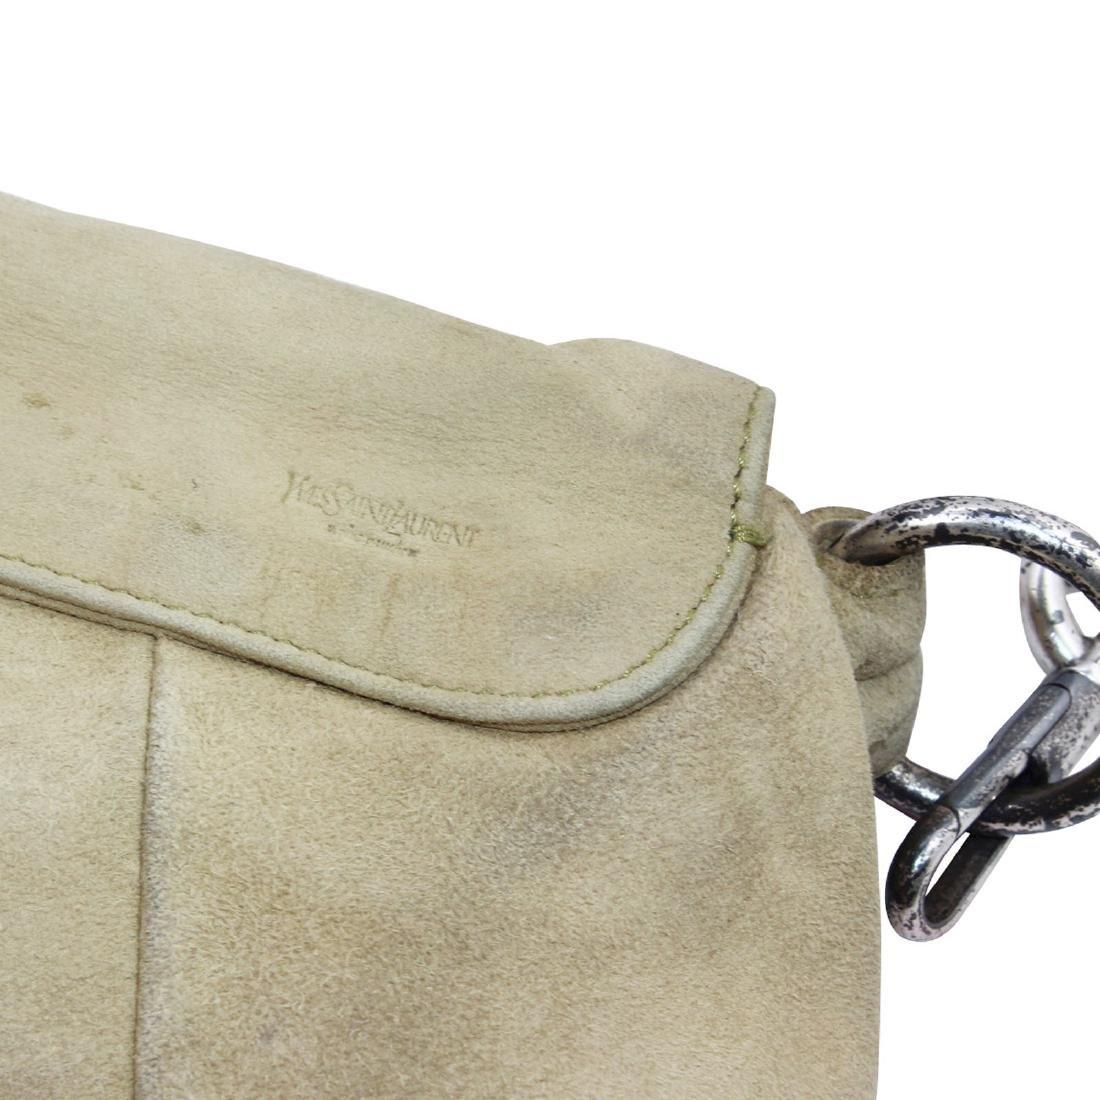 Yves Saint Laurent Nadja Rose Shoulder Bag Beige Suede - 2